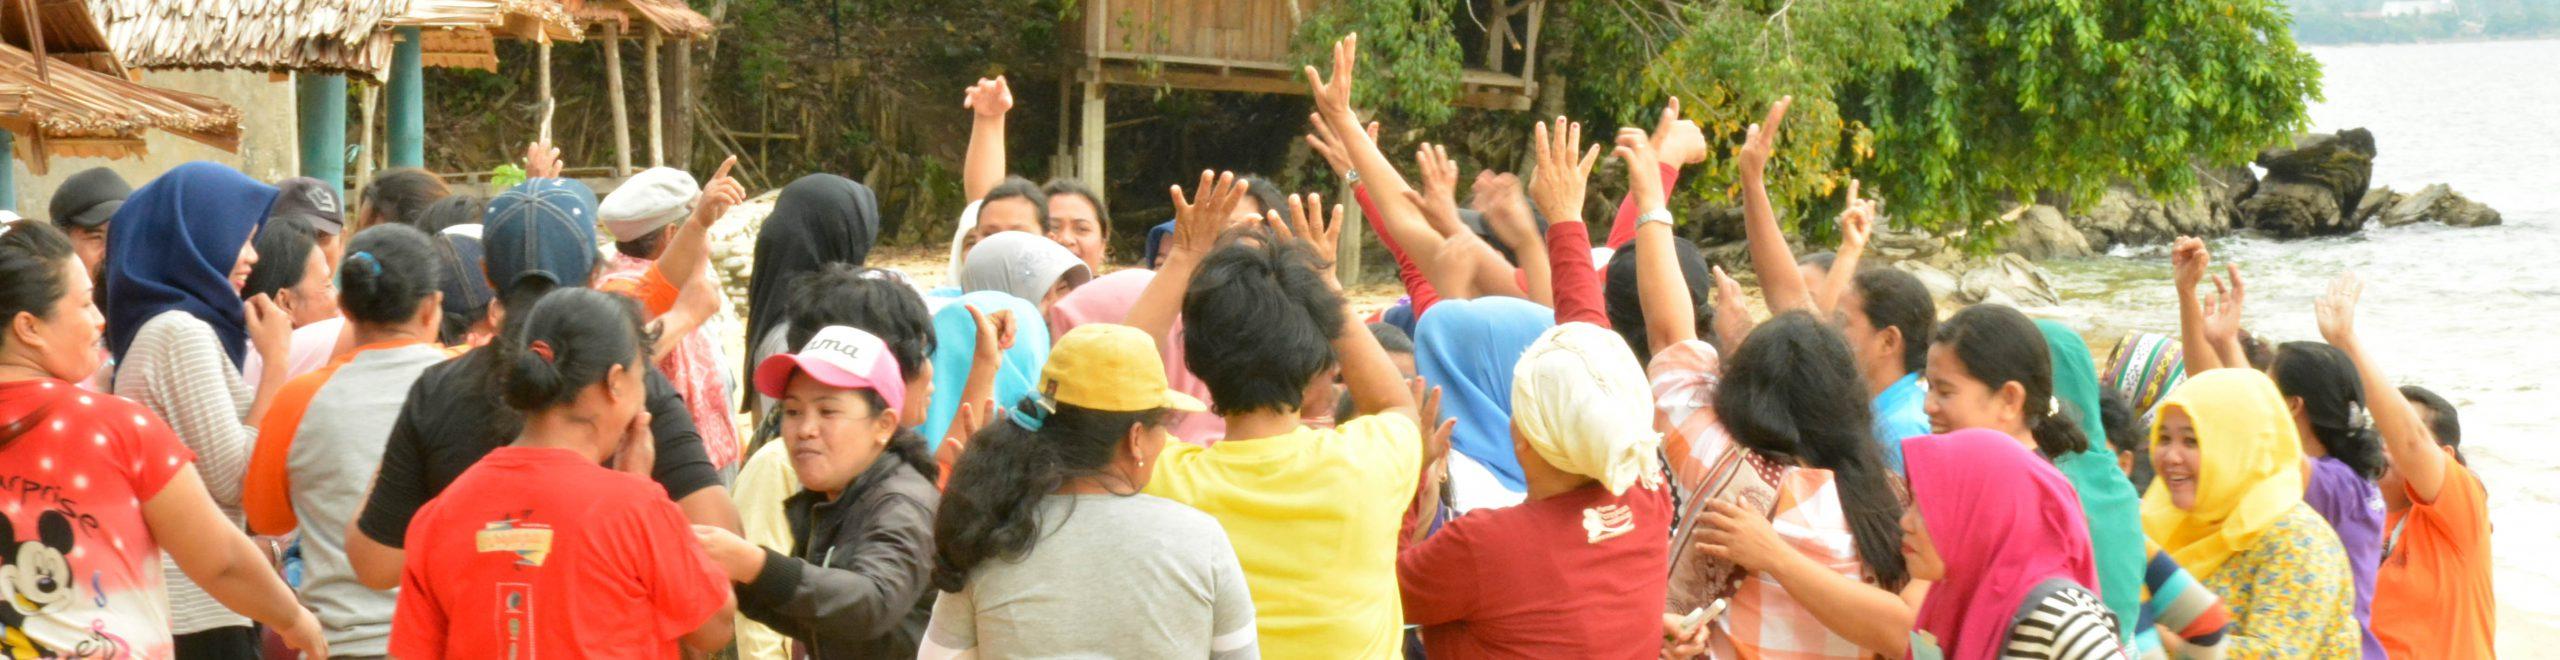 Pencegahan Konflik dan Keterlibatan Perempuan